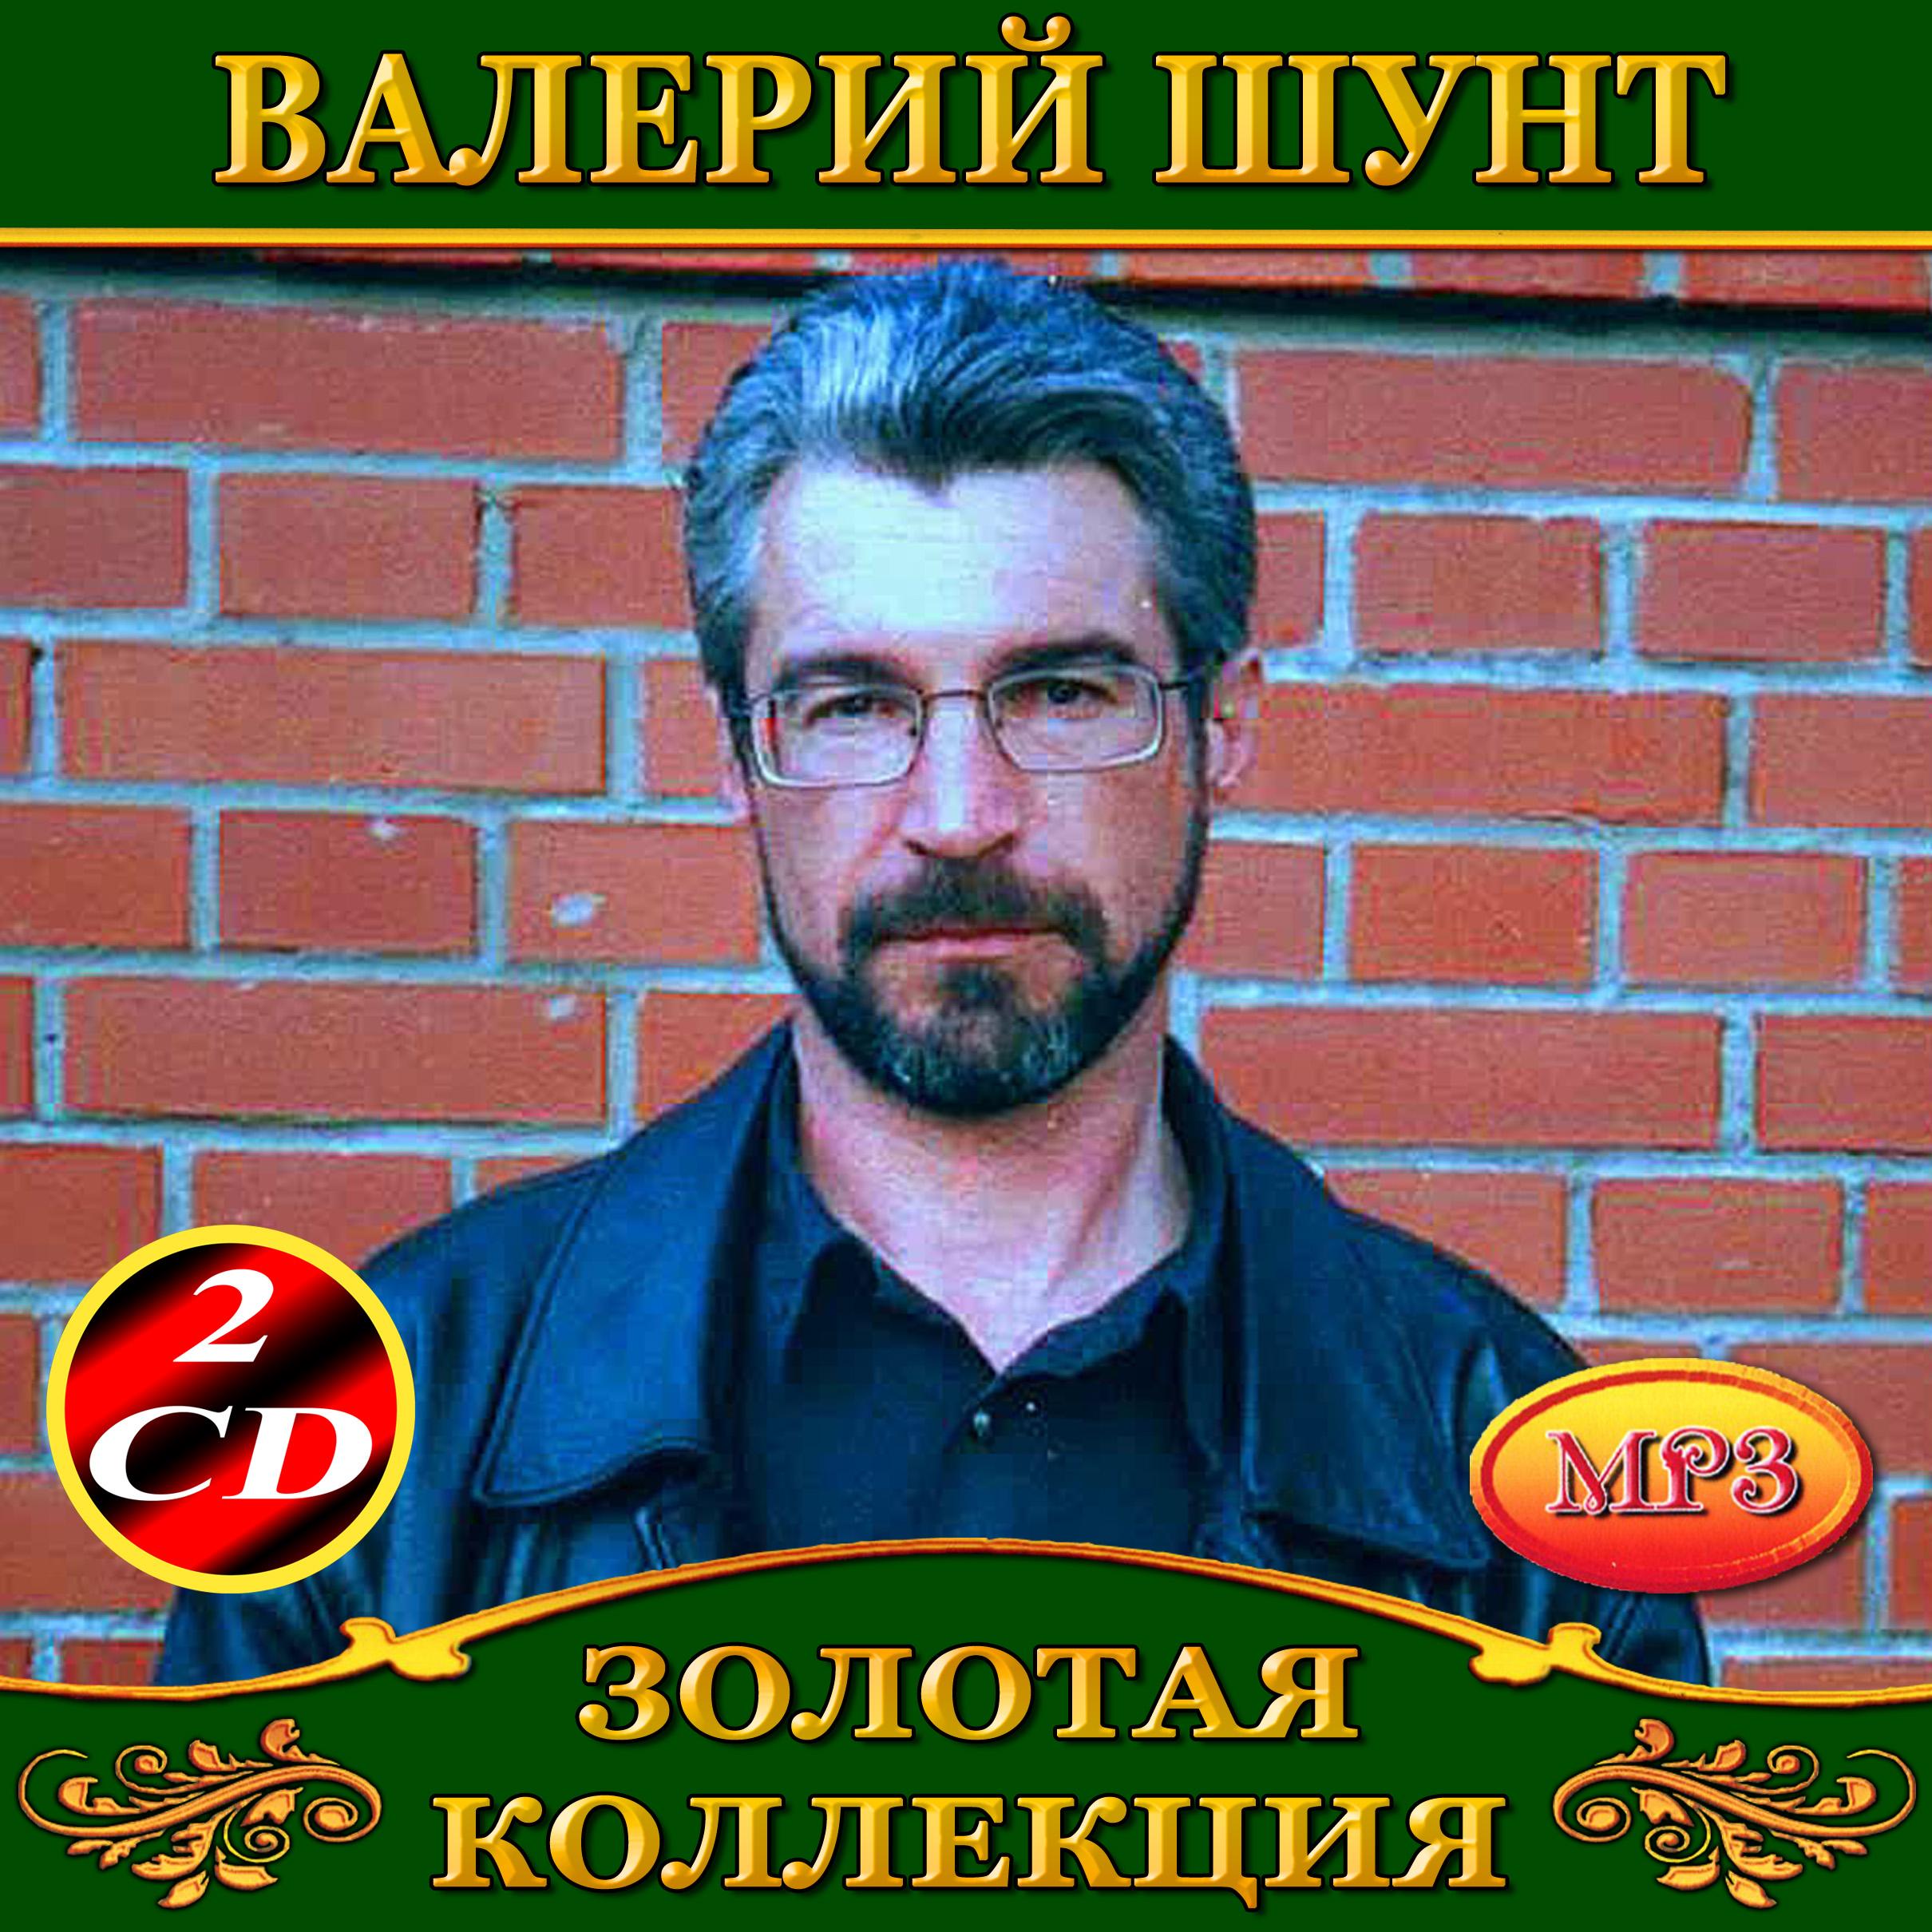 Валерий Шунт 2cd [mp3]